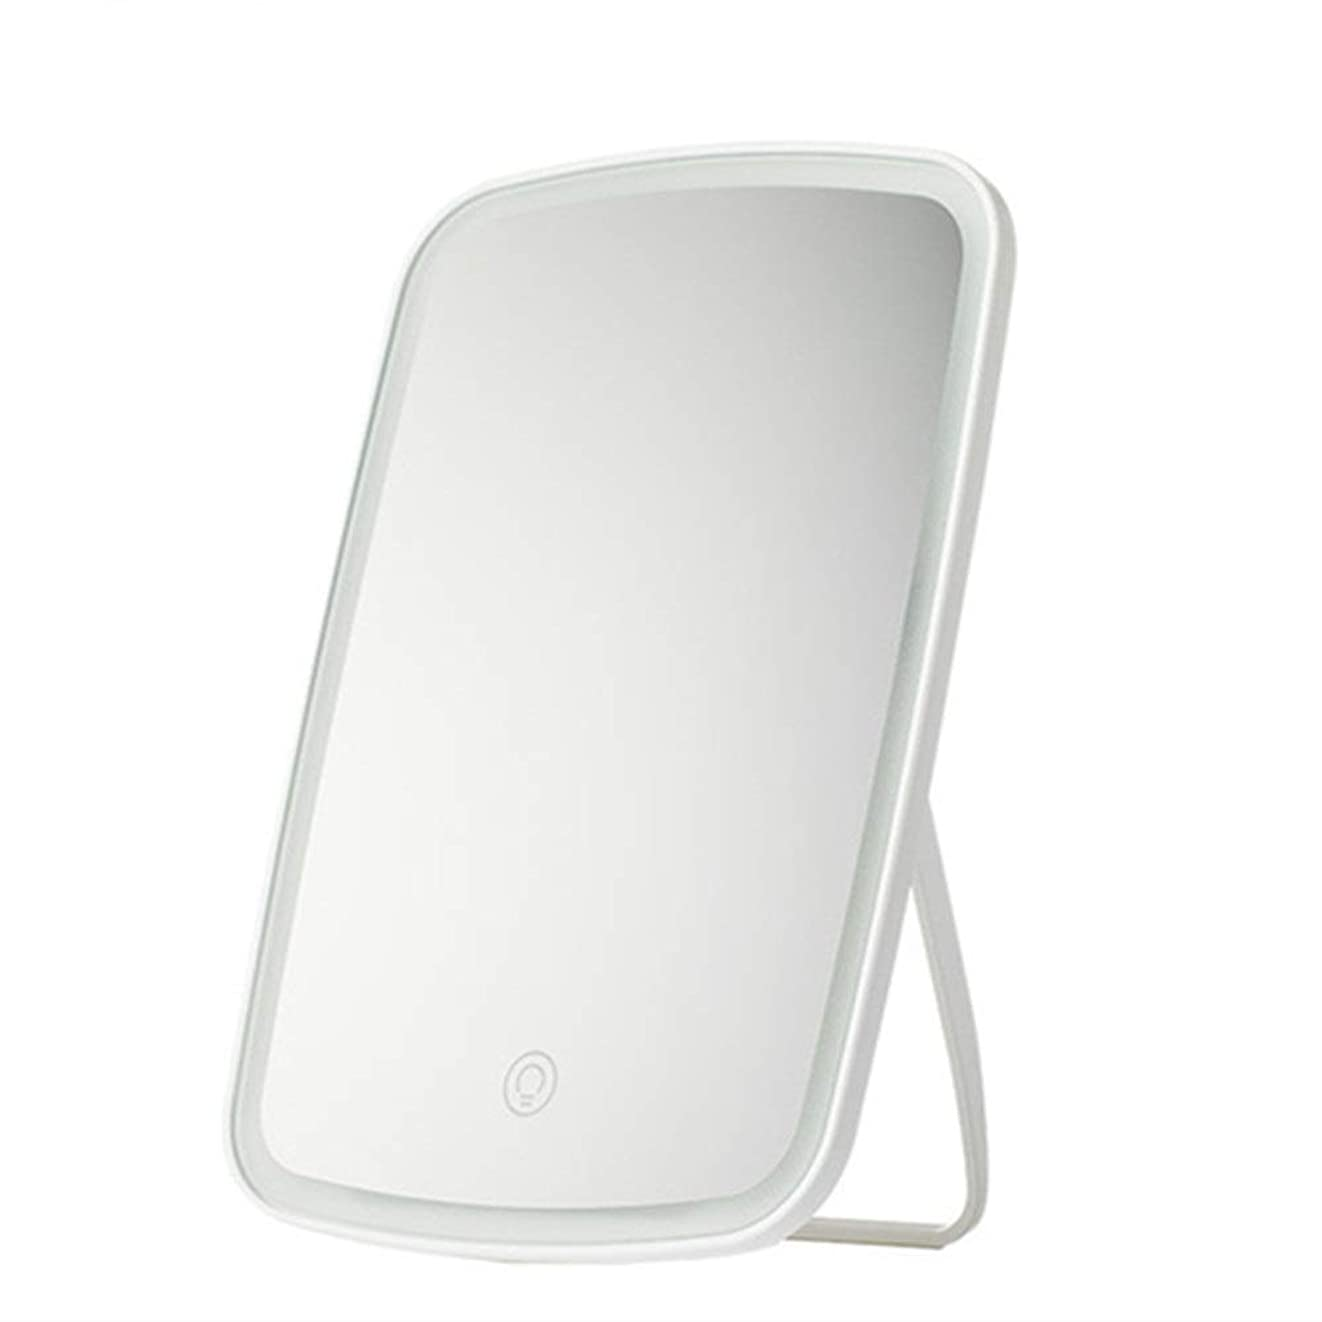 含意スナック変わる化粧鏡 自立ドレッシングテーブルミラー、完璧なメイクアップまたはシェービングのために角度が調節可能 - 大きな長方形の反射領域 - ホワイト (色 : 白, サイズ : 16.8x2.5x27cm)